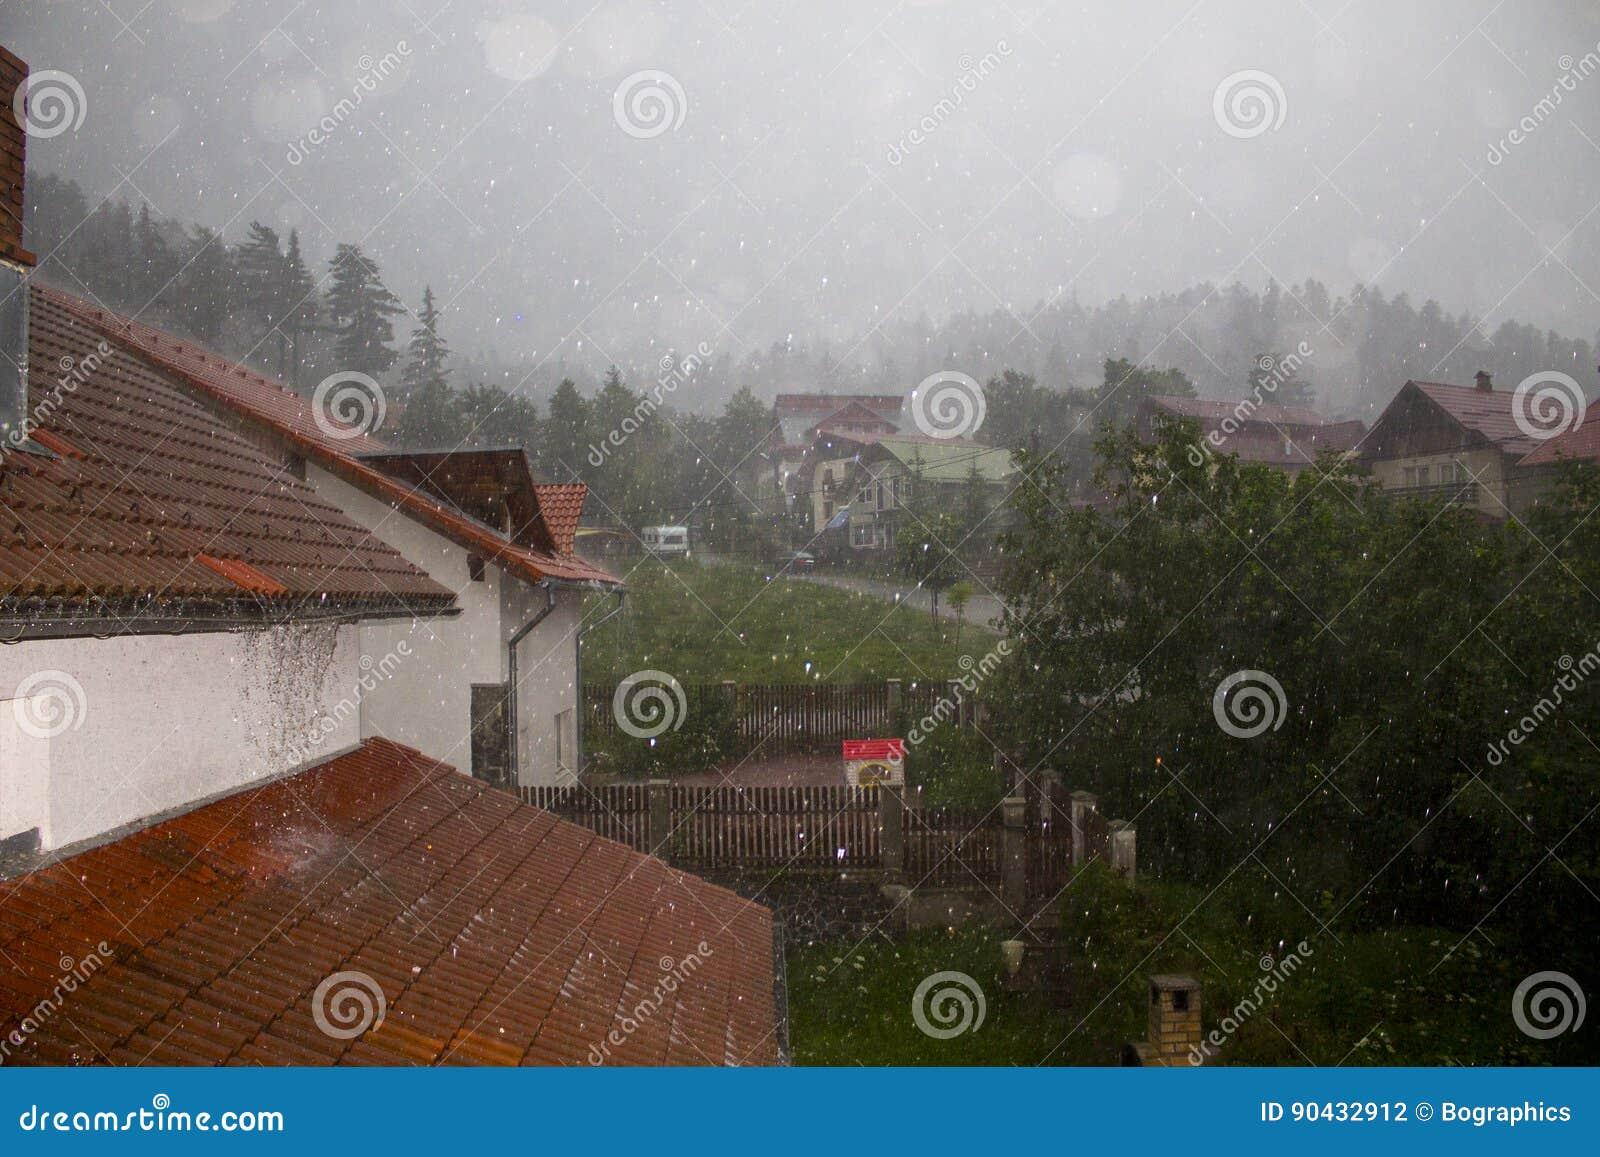 Heavy rain over village